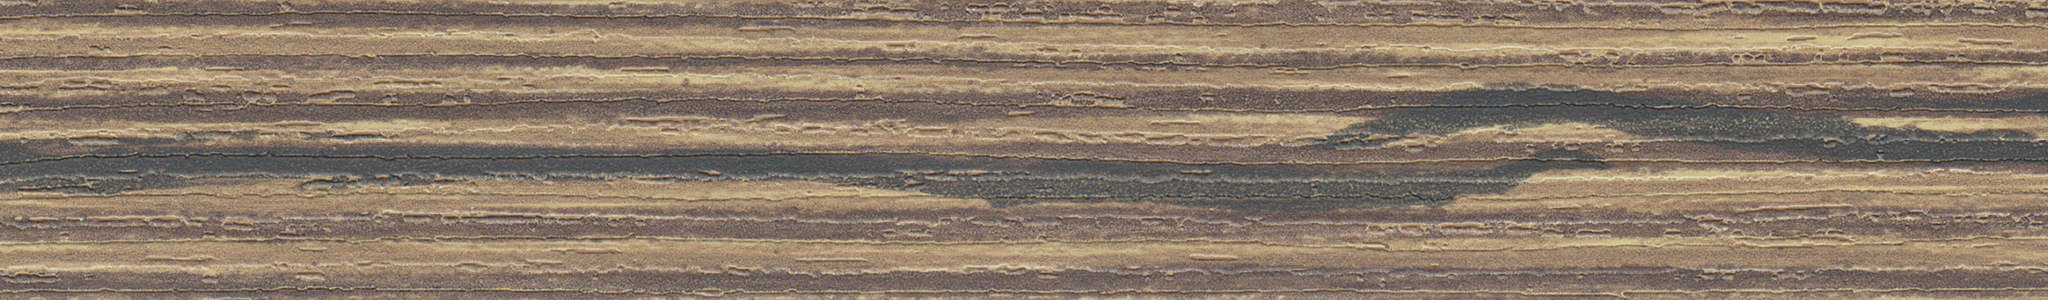 HD 25724 Chant ABS Épicéa Log Wall Graine